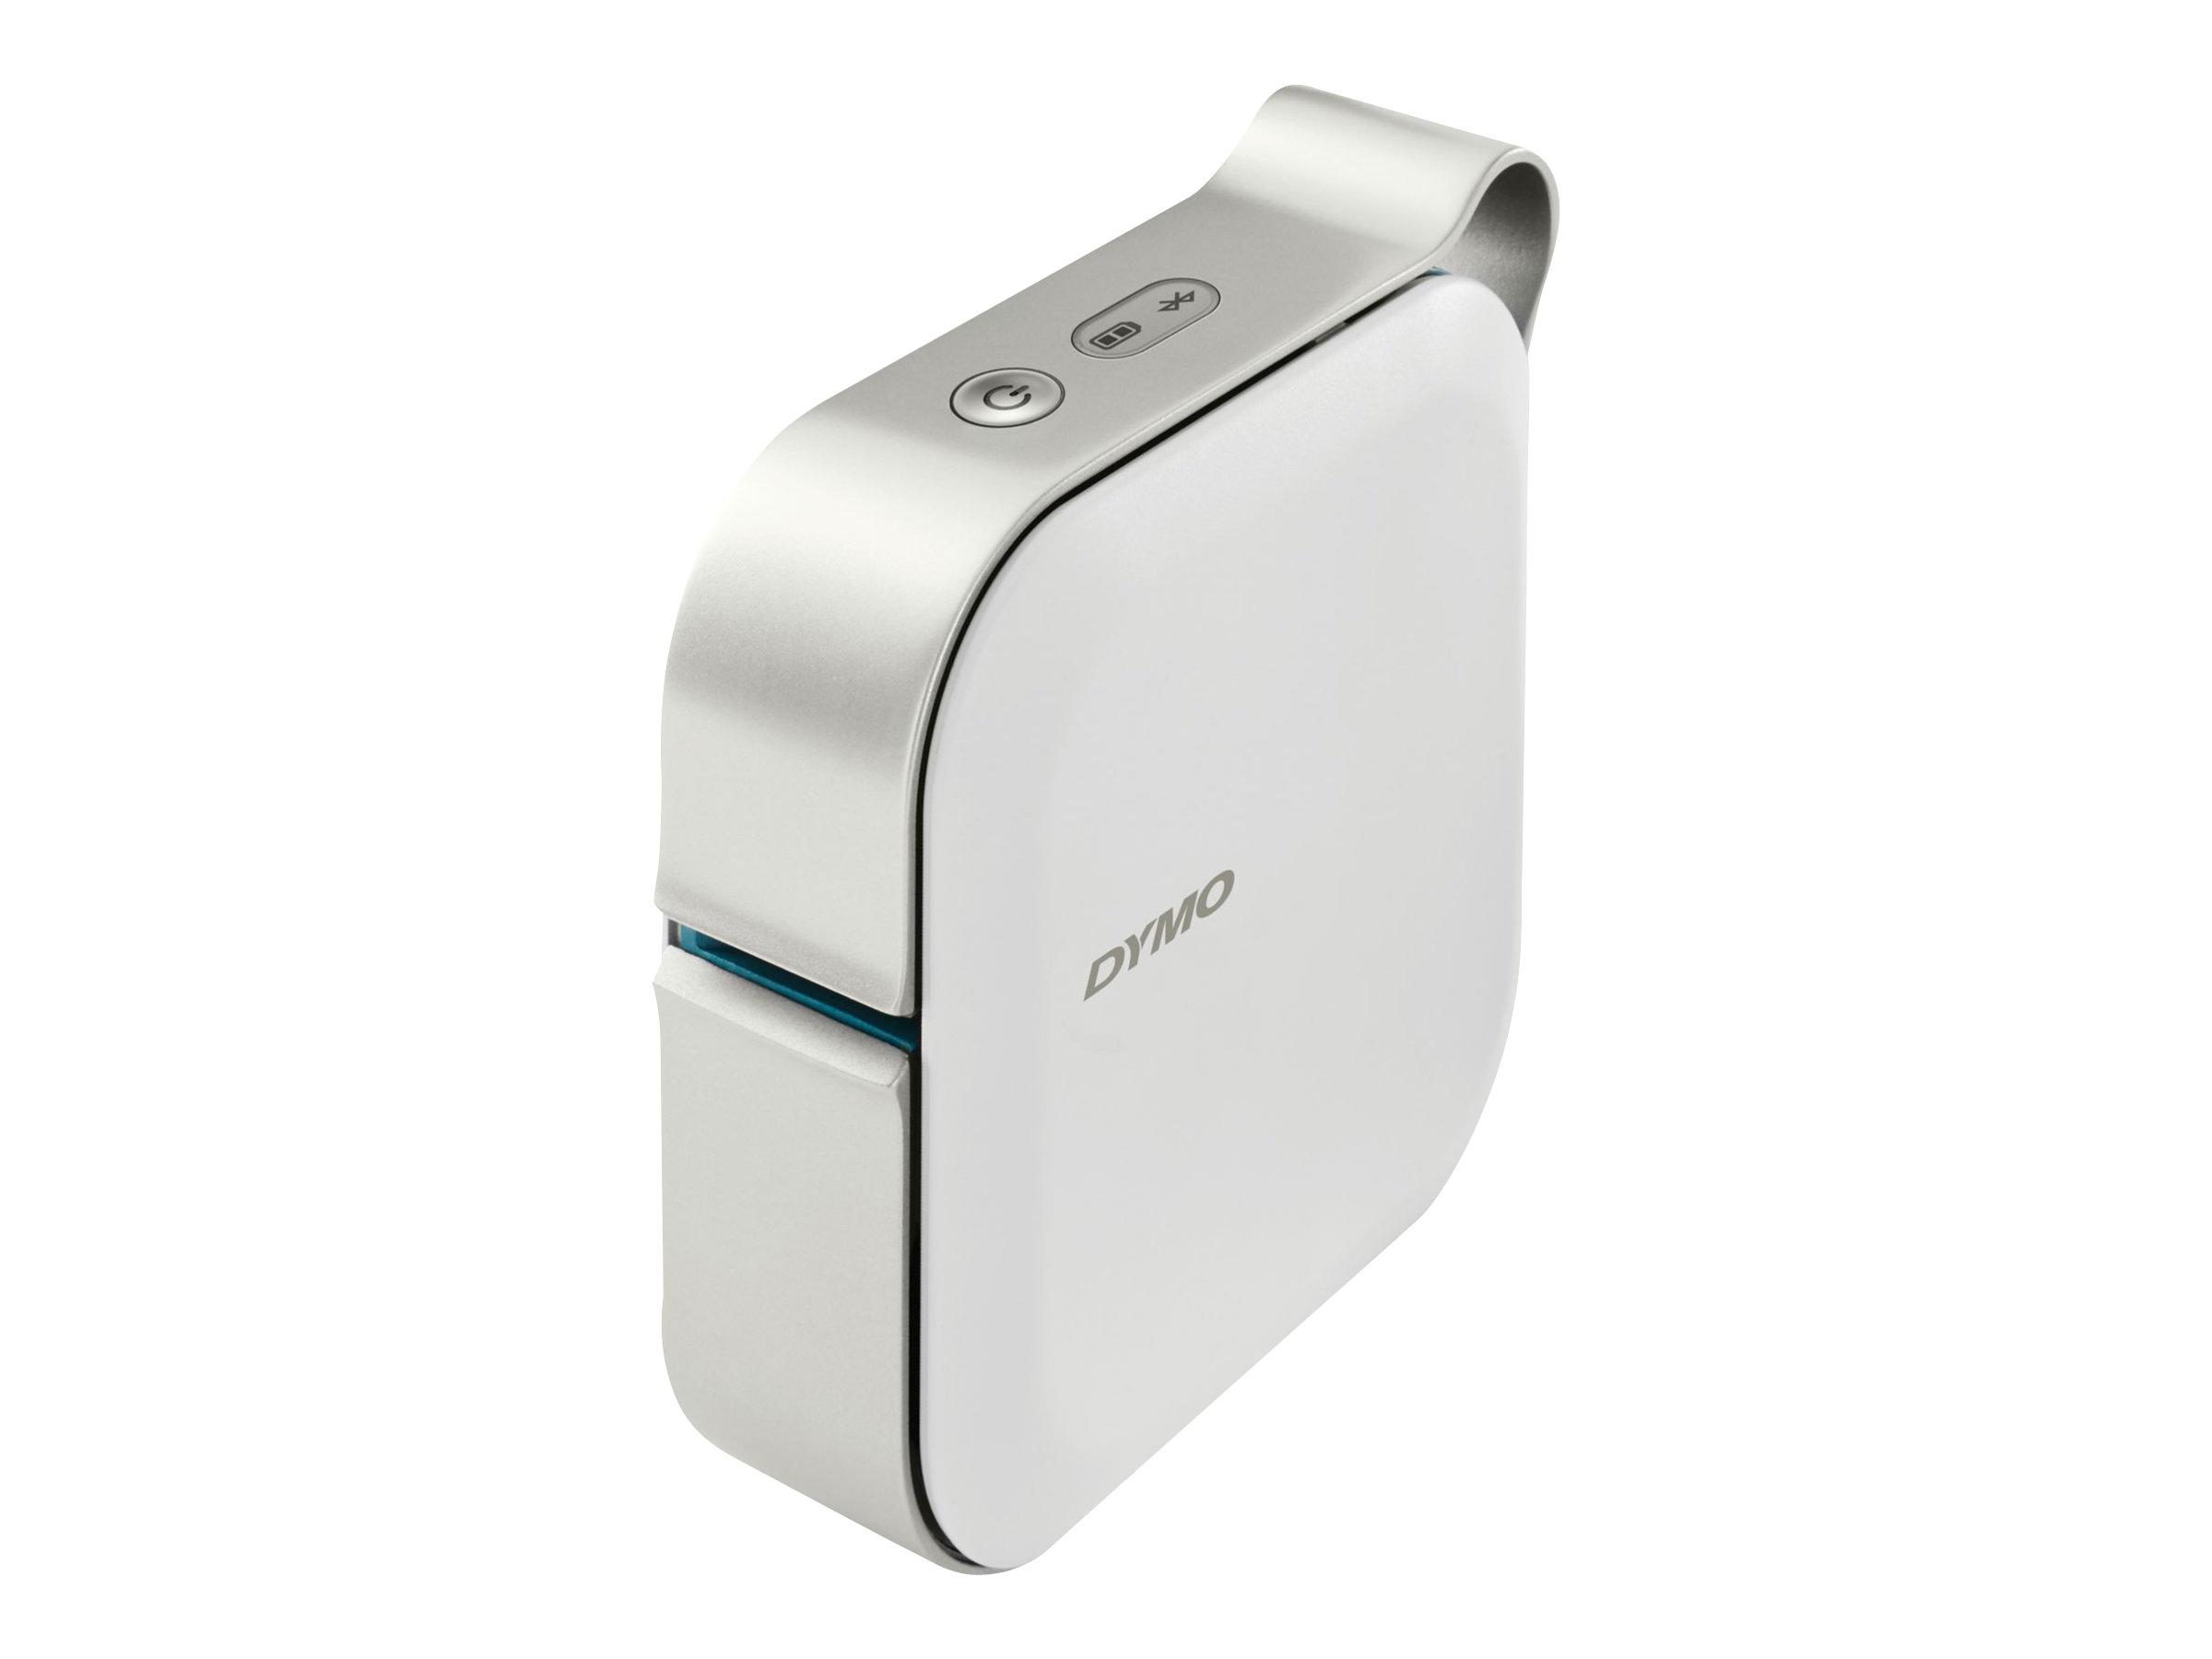 DYMO MobileLabeler - Etikettendrucker - Thermal Transfer - Rolle (2,4 cm) - 300 dpi - USB, Bluetooth 2.1 EDR